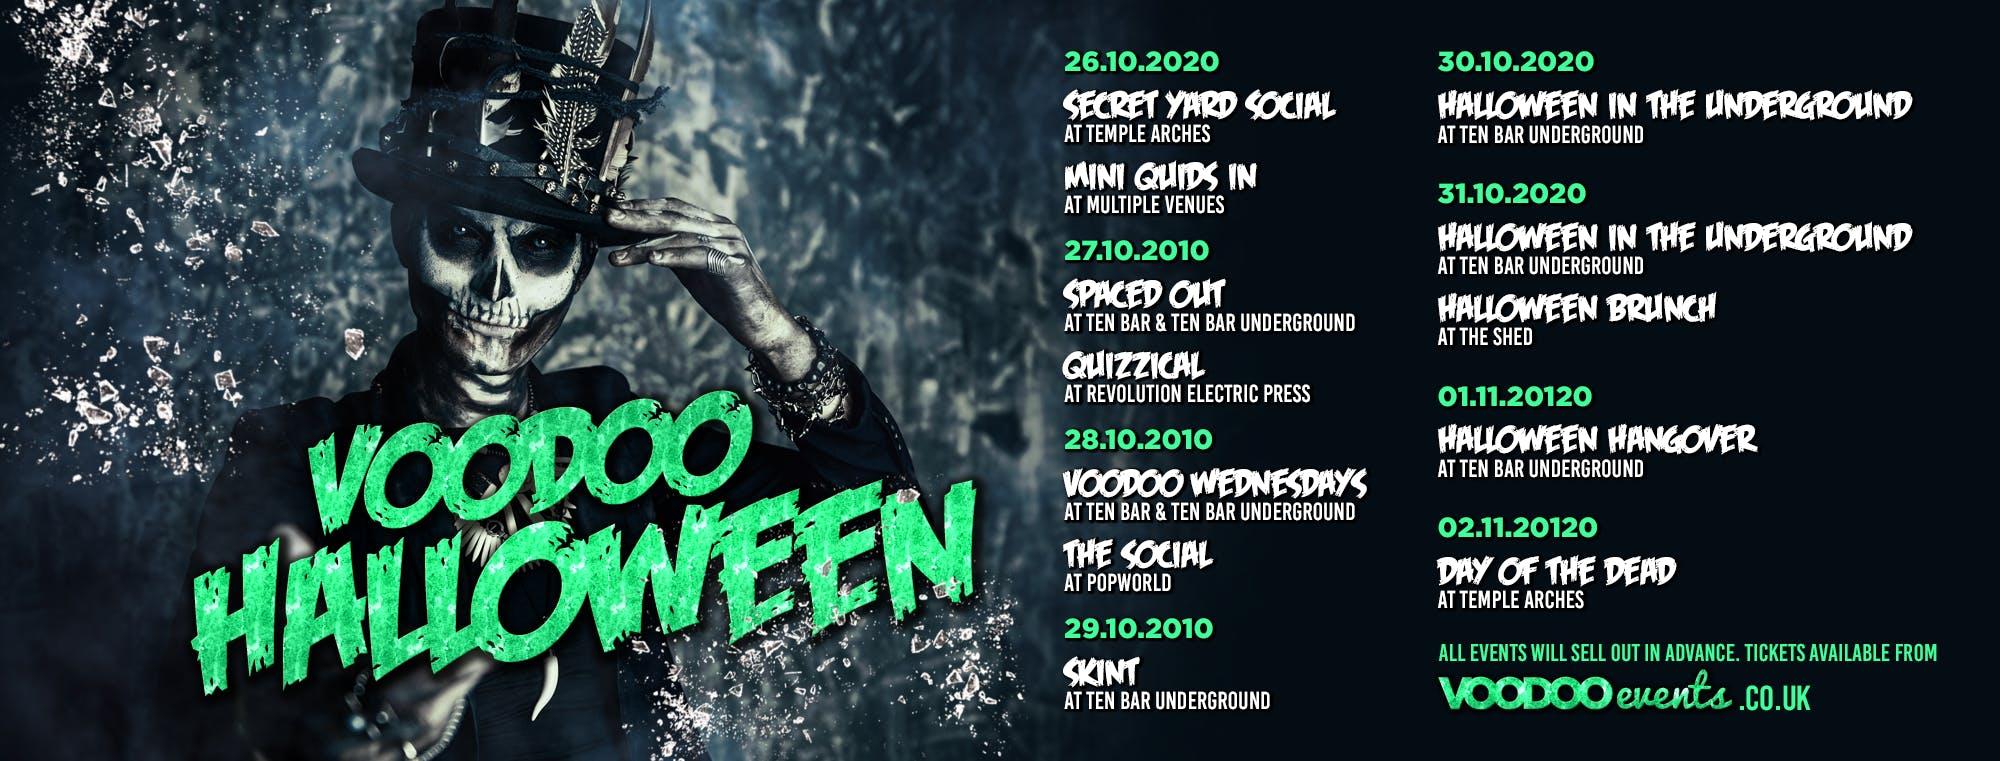 Voodoo Halloweek 2020